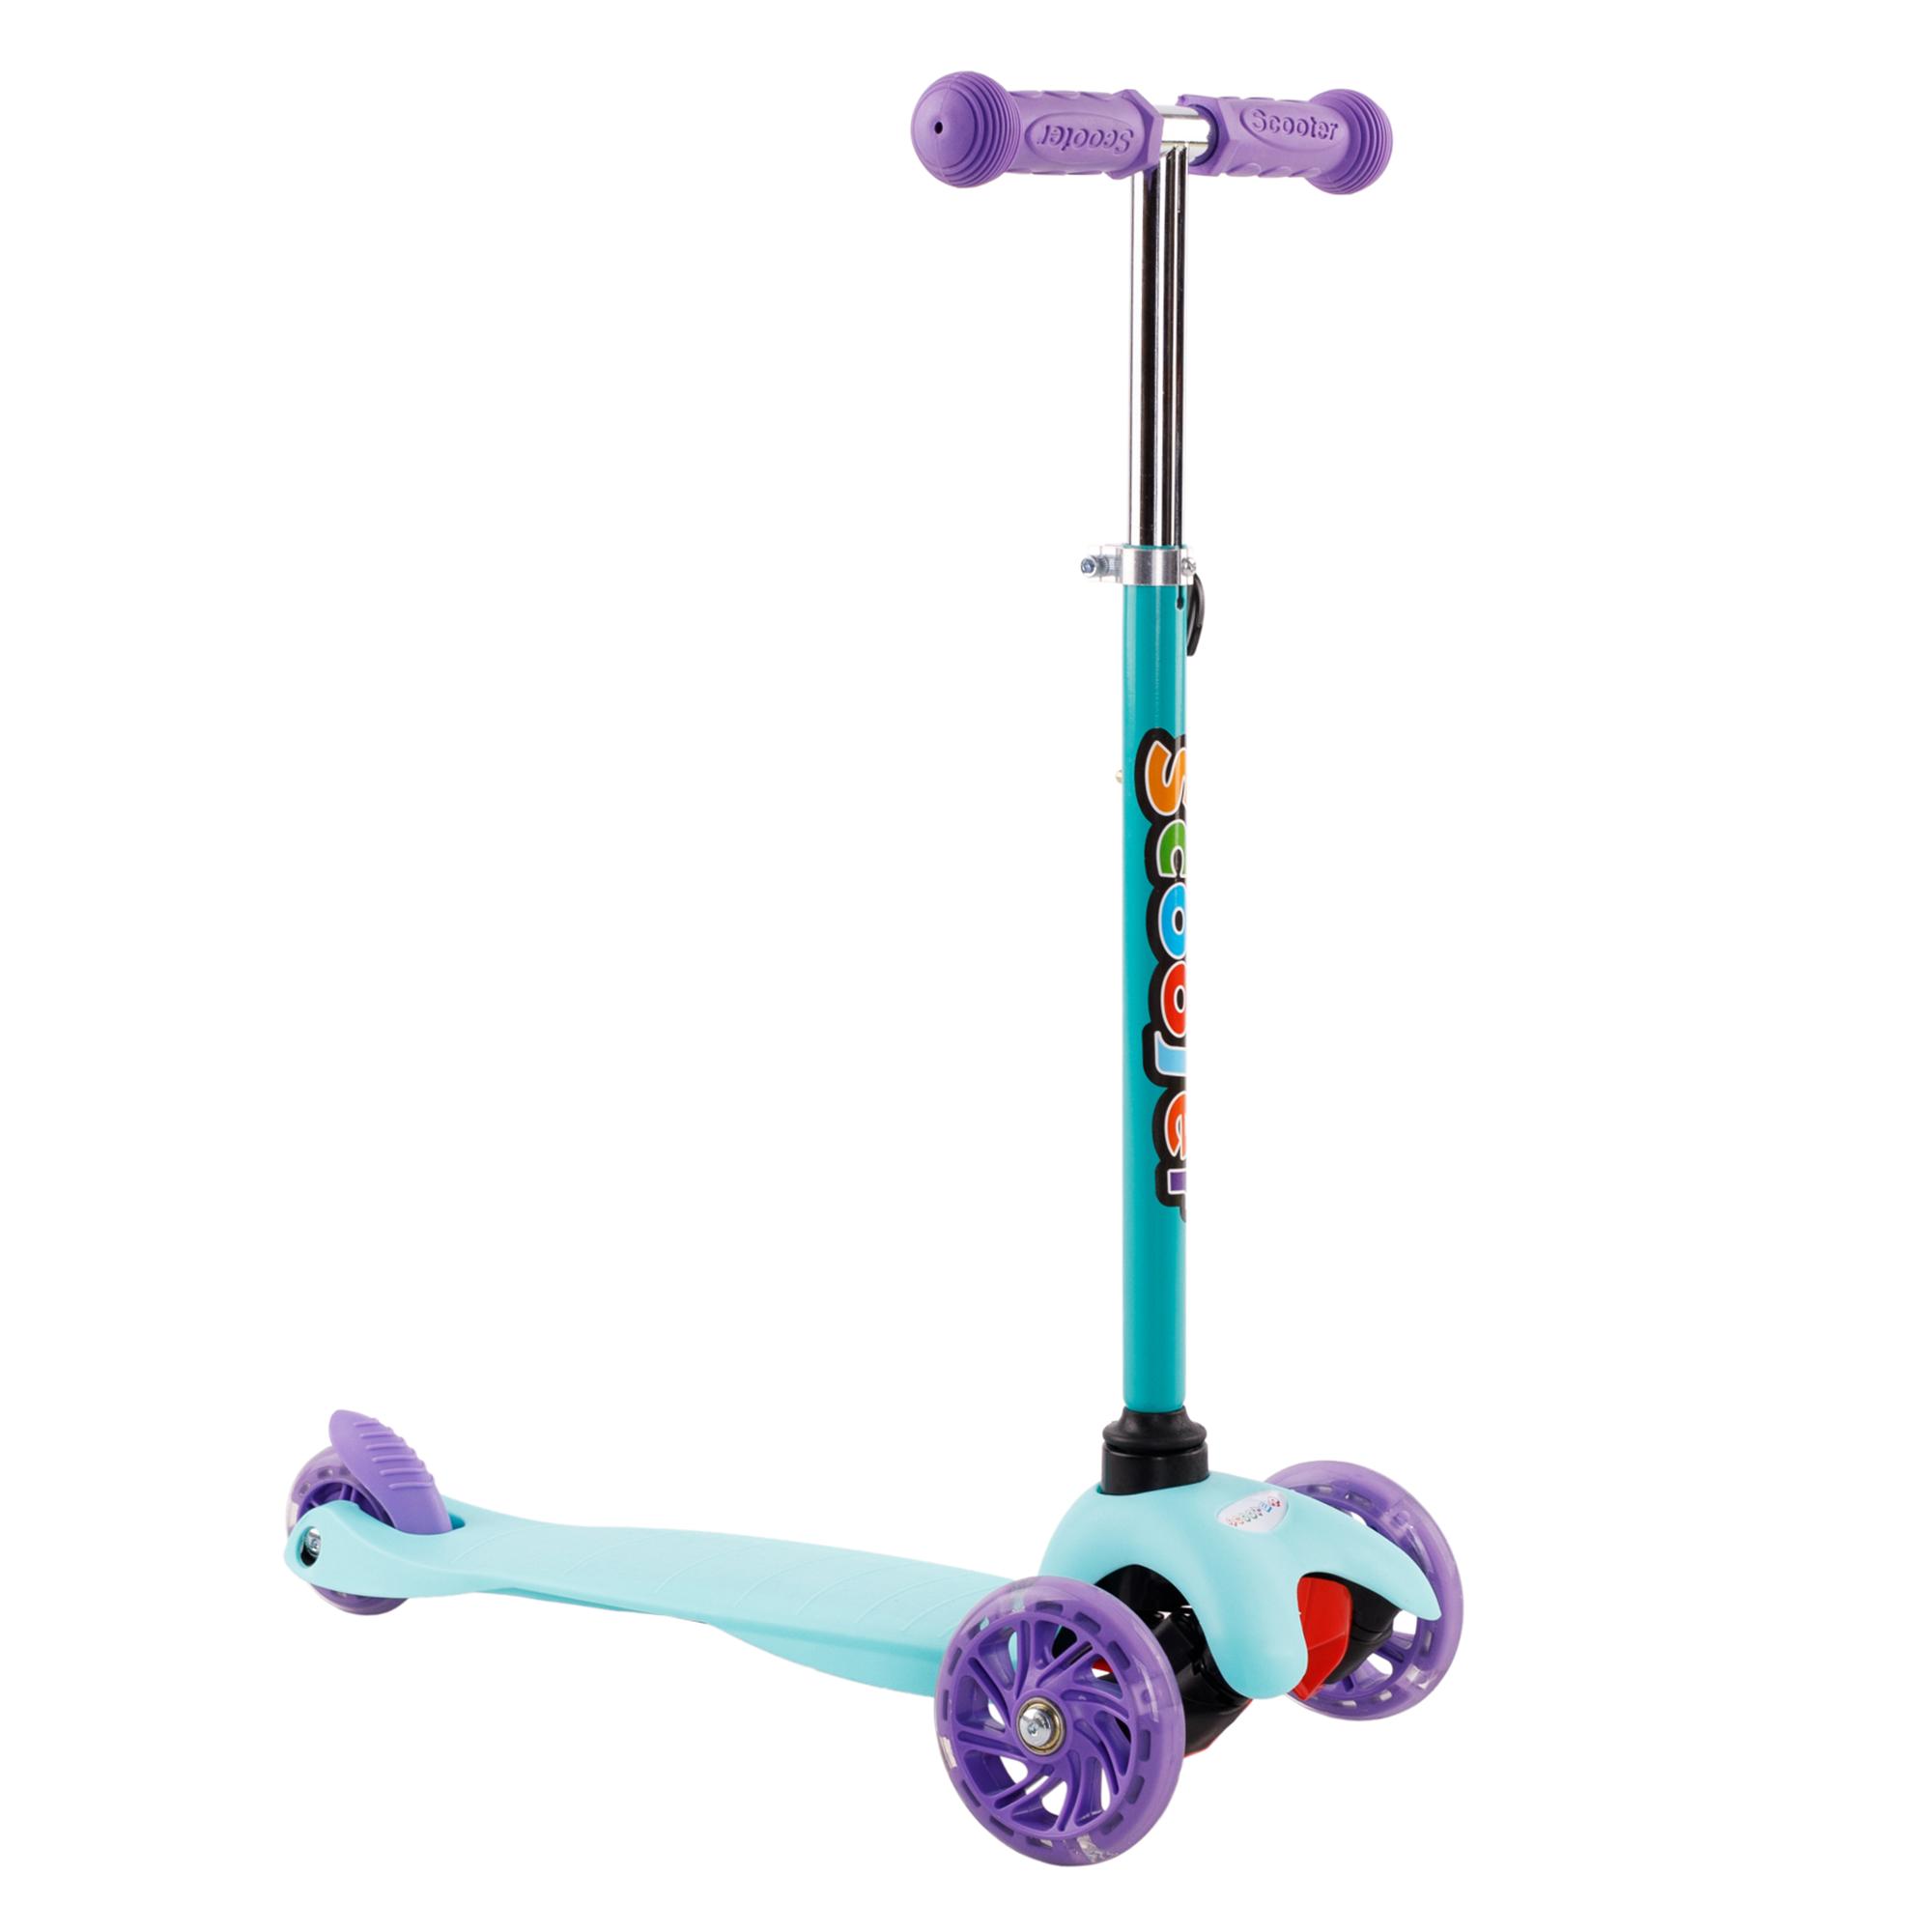 Trotinetă pentru copii, roți cu LED, turcoaz / violet, TESIA TIP 2